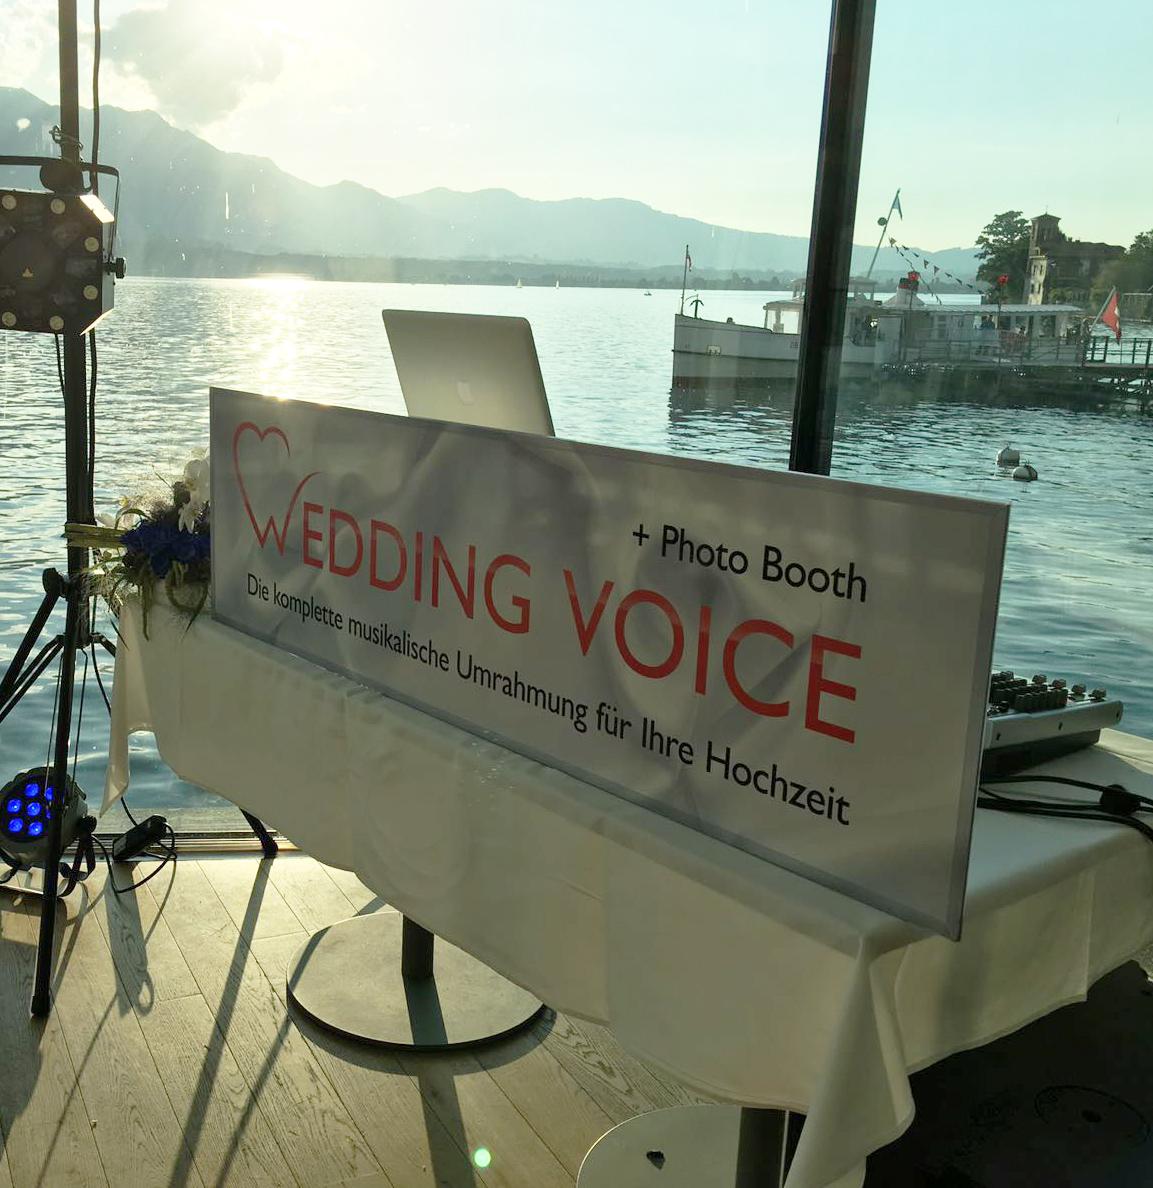 Wedding Voice DJ - Hochzeitsmusik